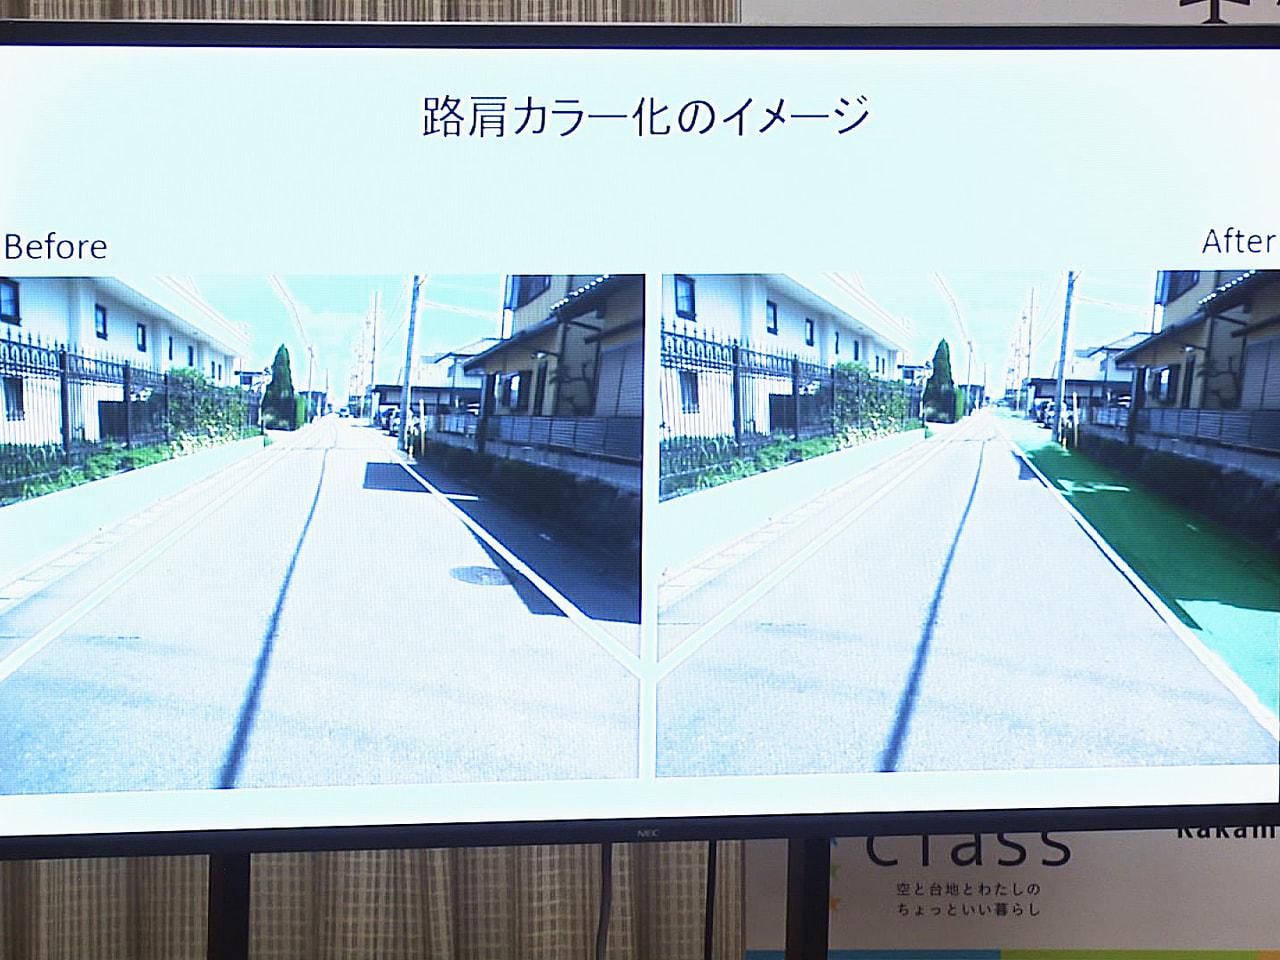 千葉県八街市で小学生の列にトラックが突っ込み児童5人が死傷した事故を受け、岐阜県...